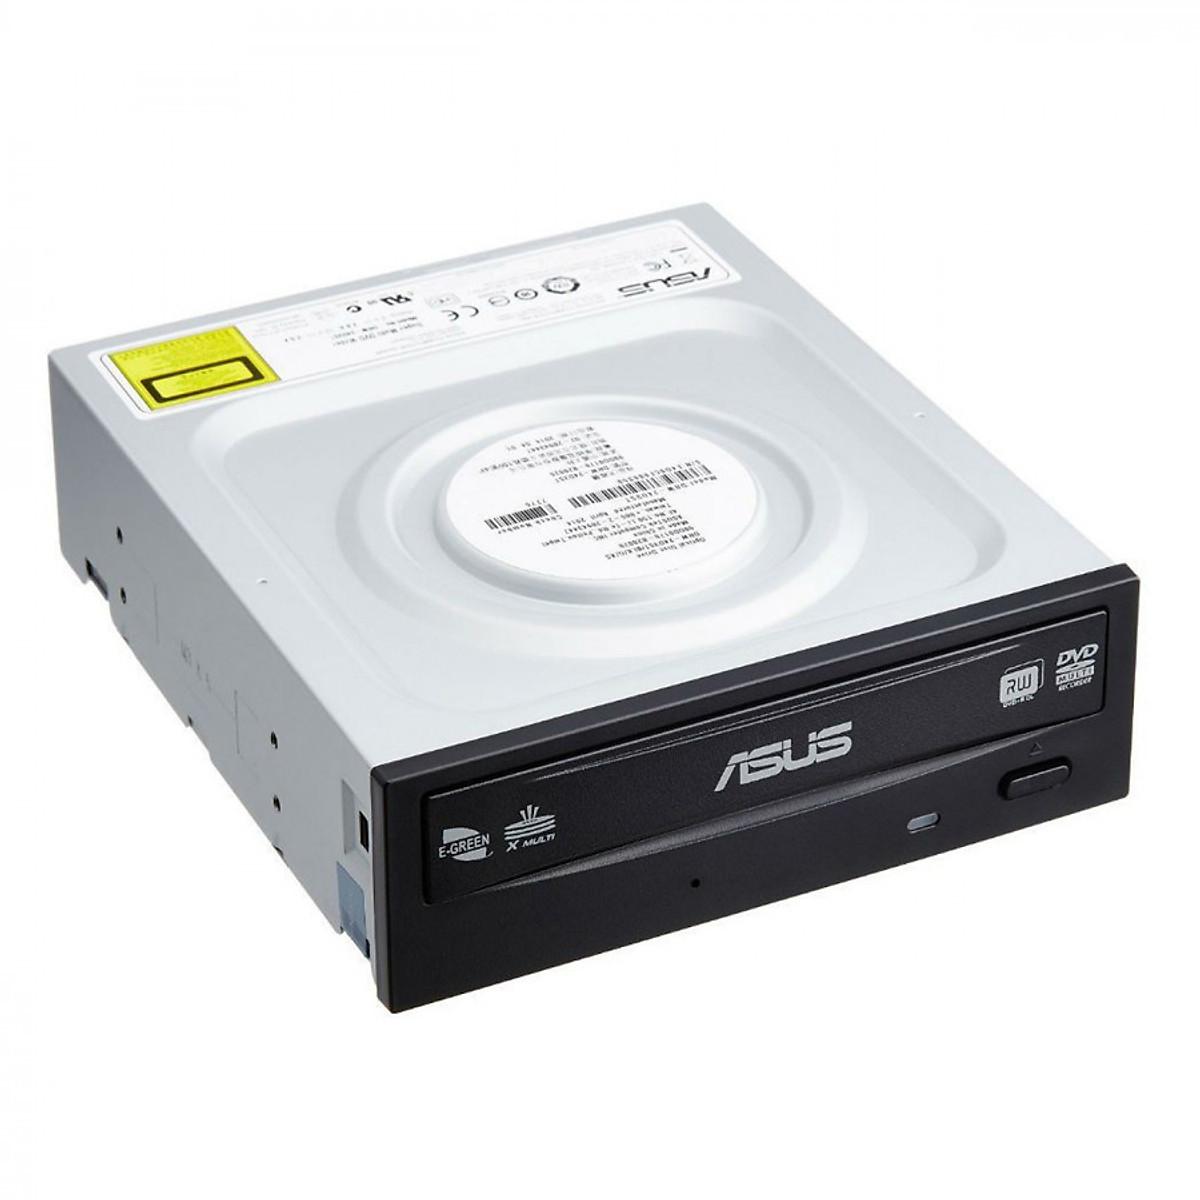 Đầu Ghi Đĩa DVD Chuyên Dụng Asus RW 24D5MT – Chính Hãng